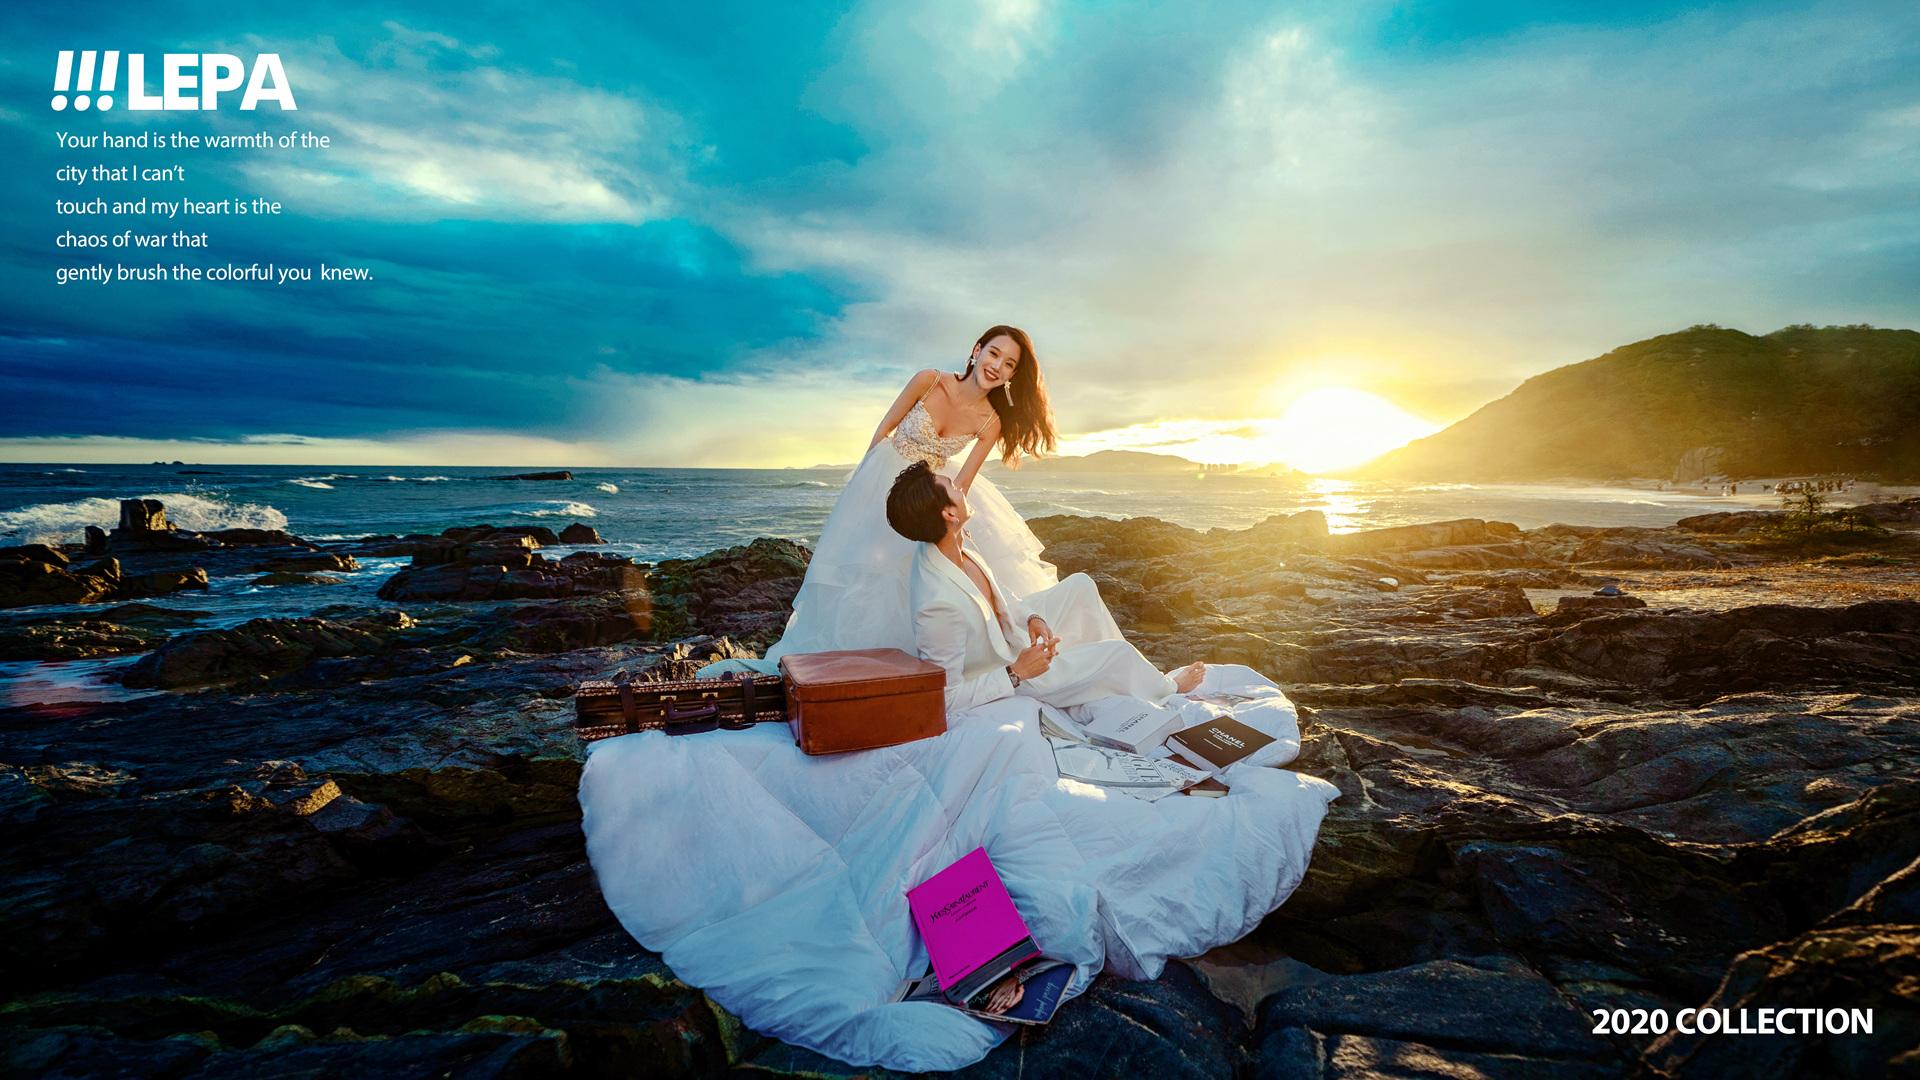 厦门旅拍婚纱照什么时间段拍摄最合适?来看看这份攻略吧!